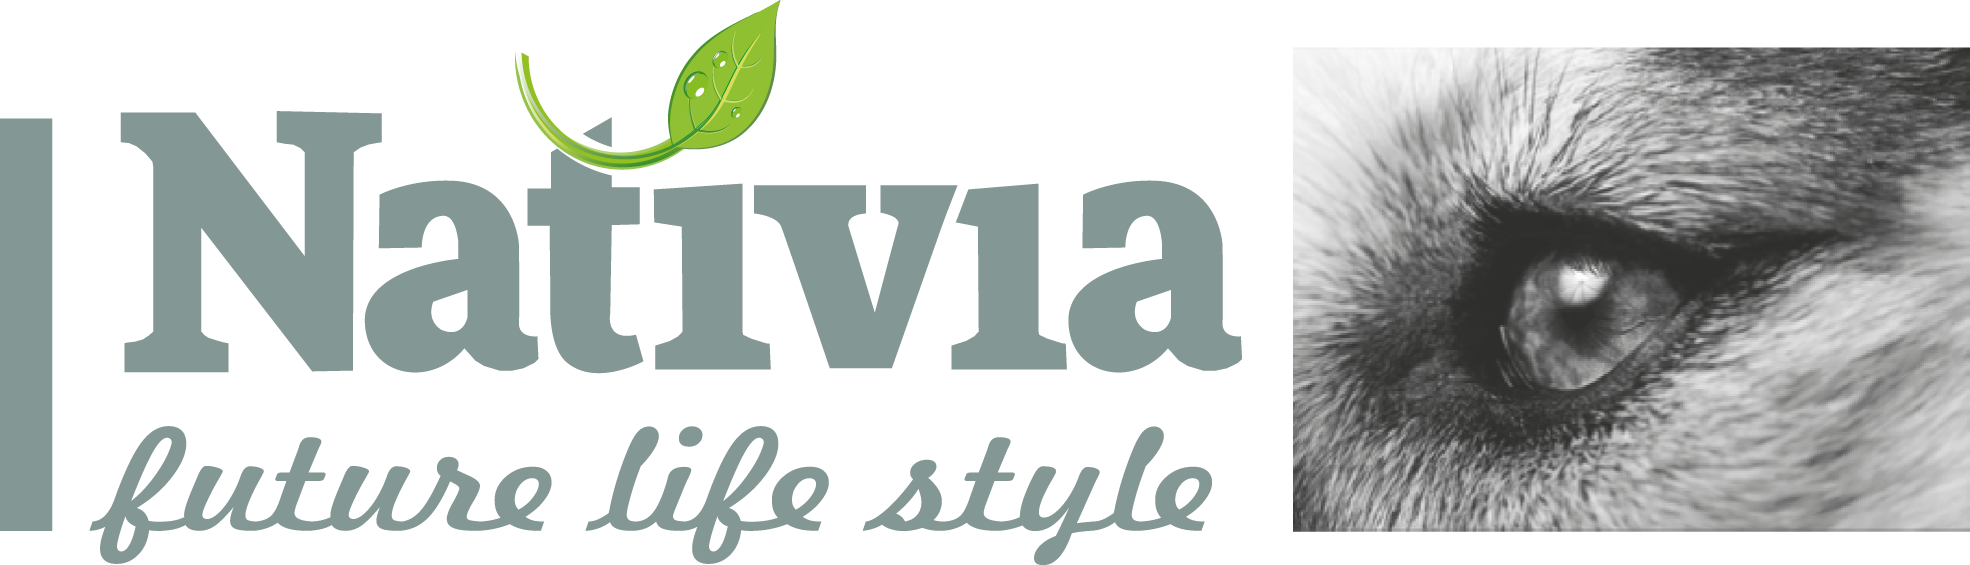 logo Nativia